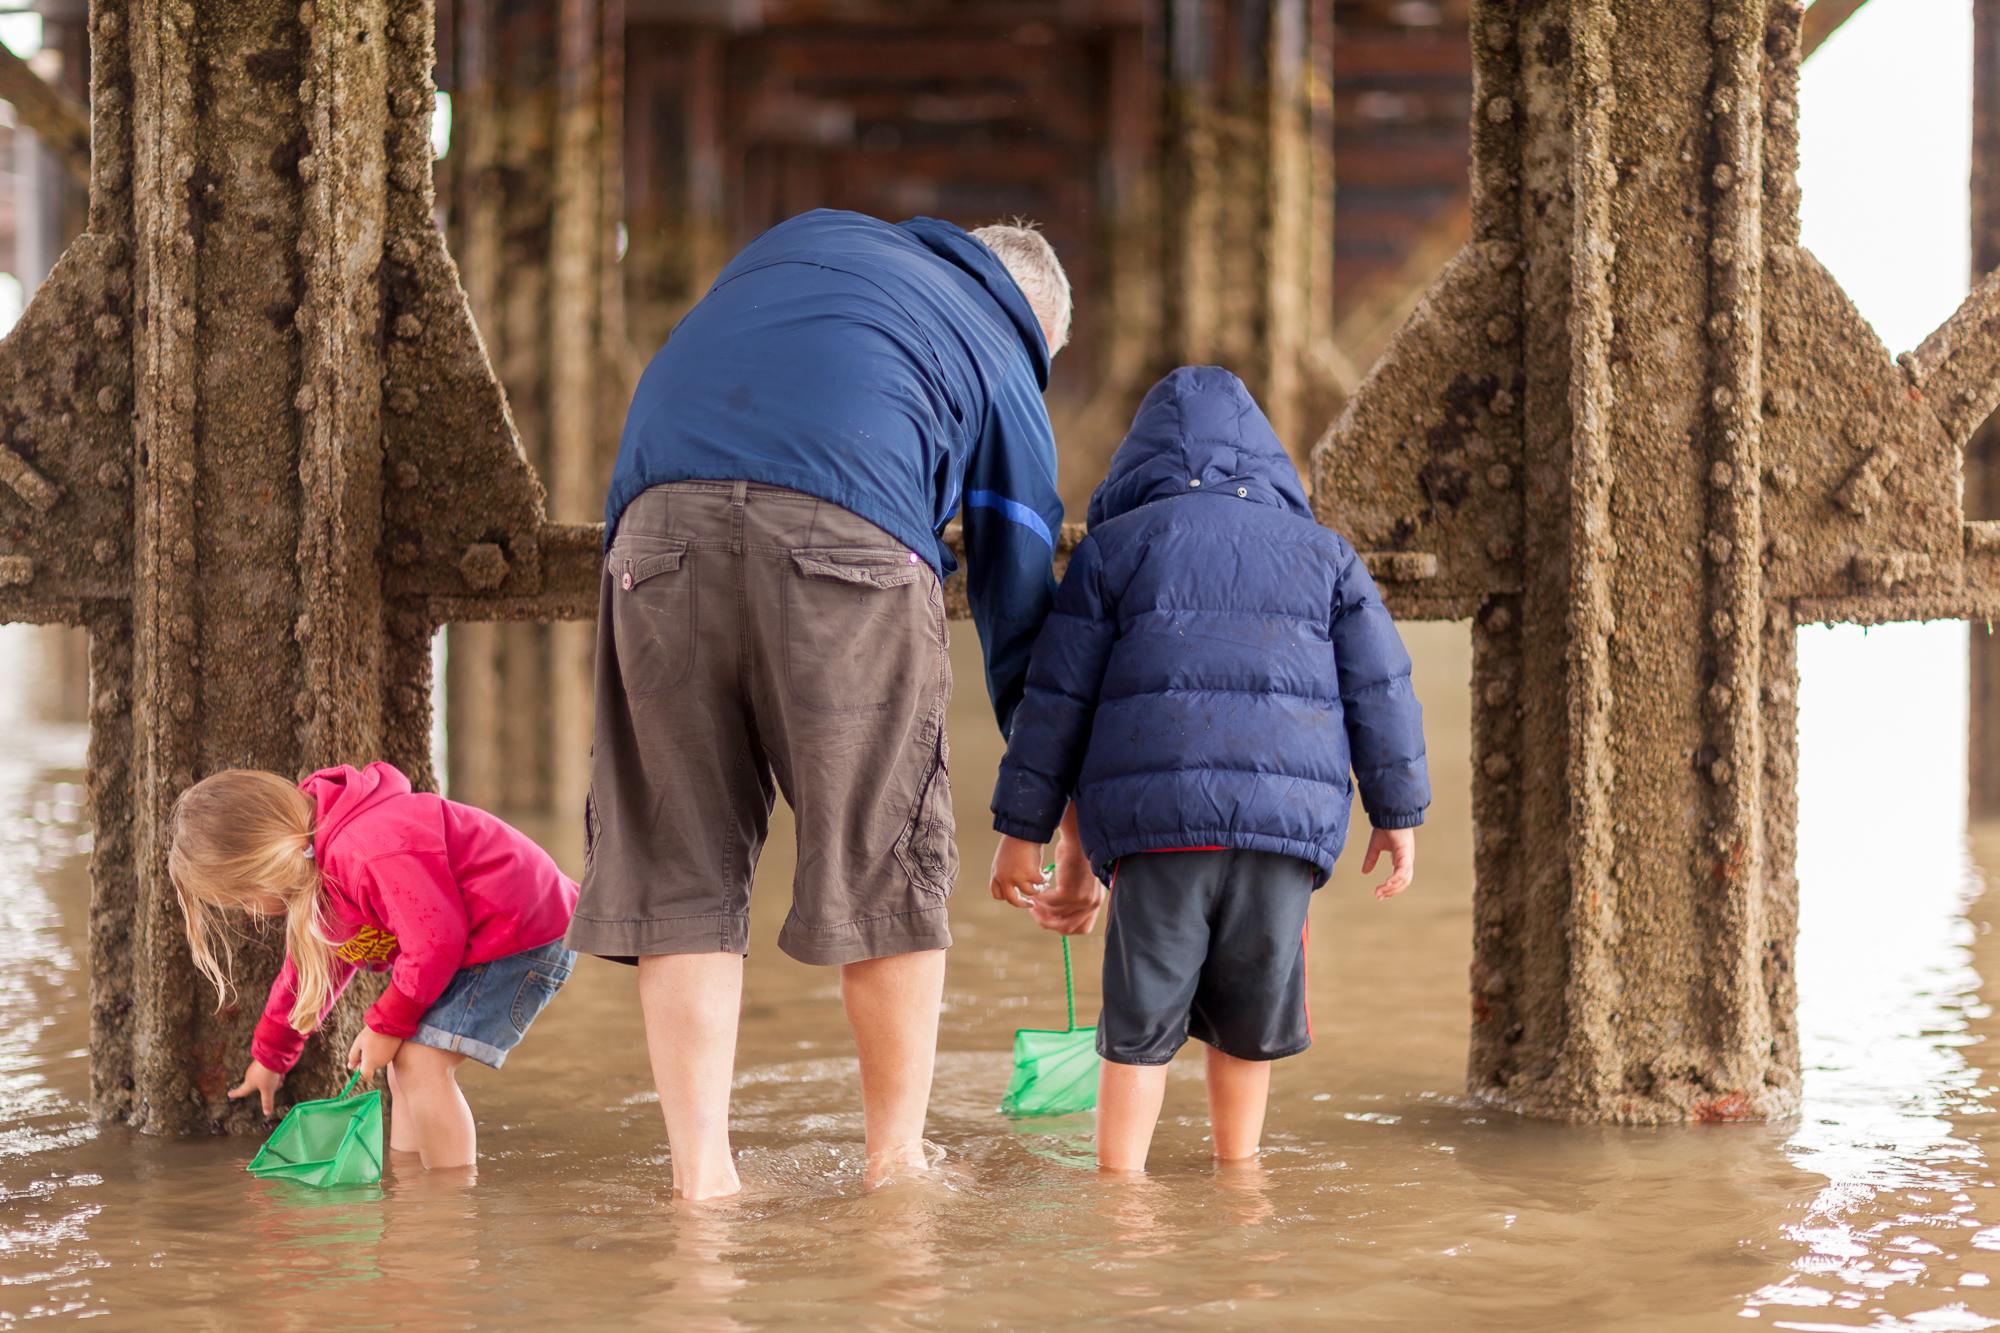 Under The Pier 2016 Image Julian Winslow (6).jpg